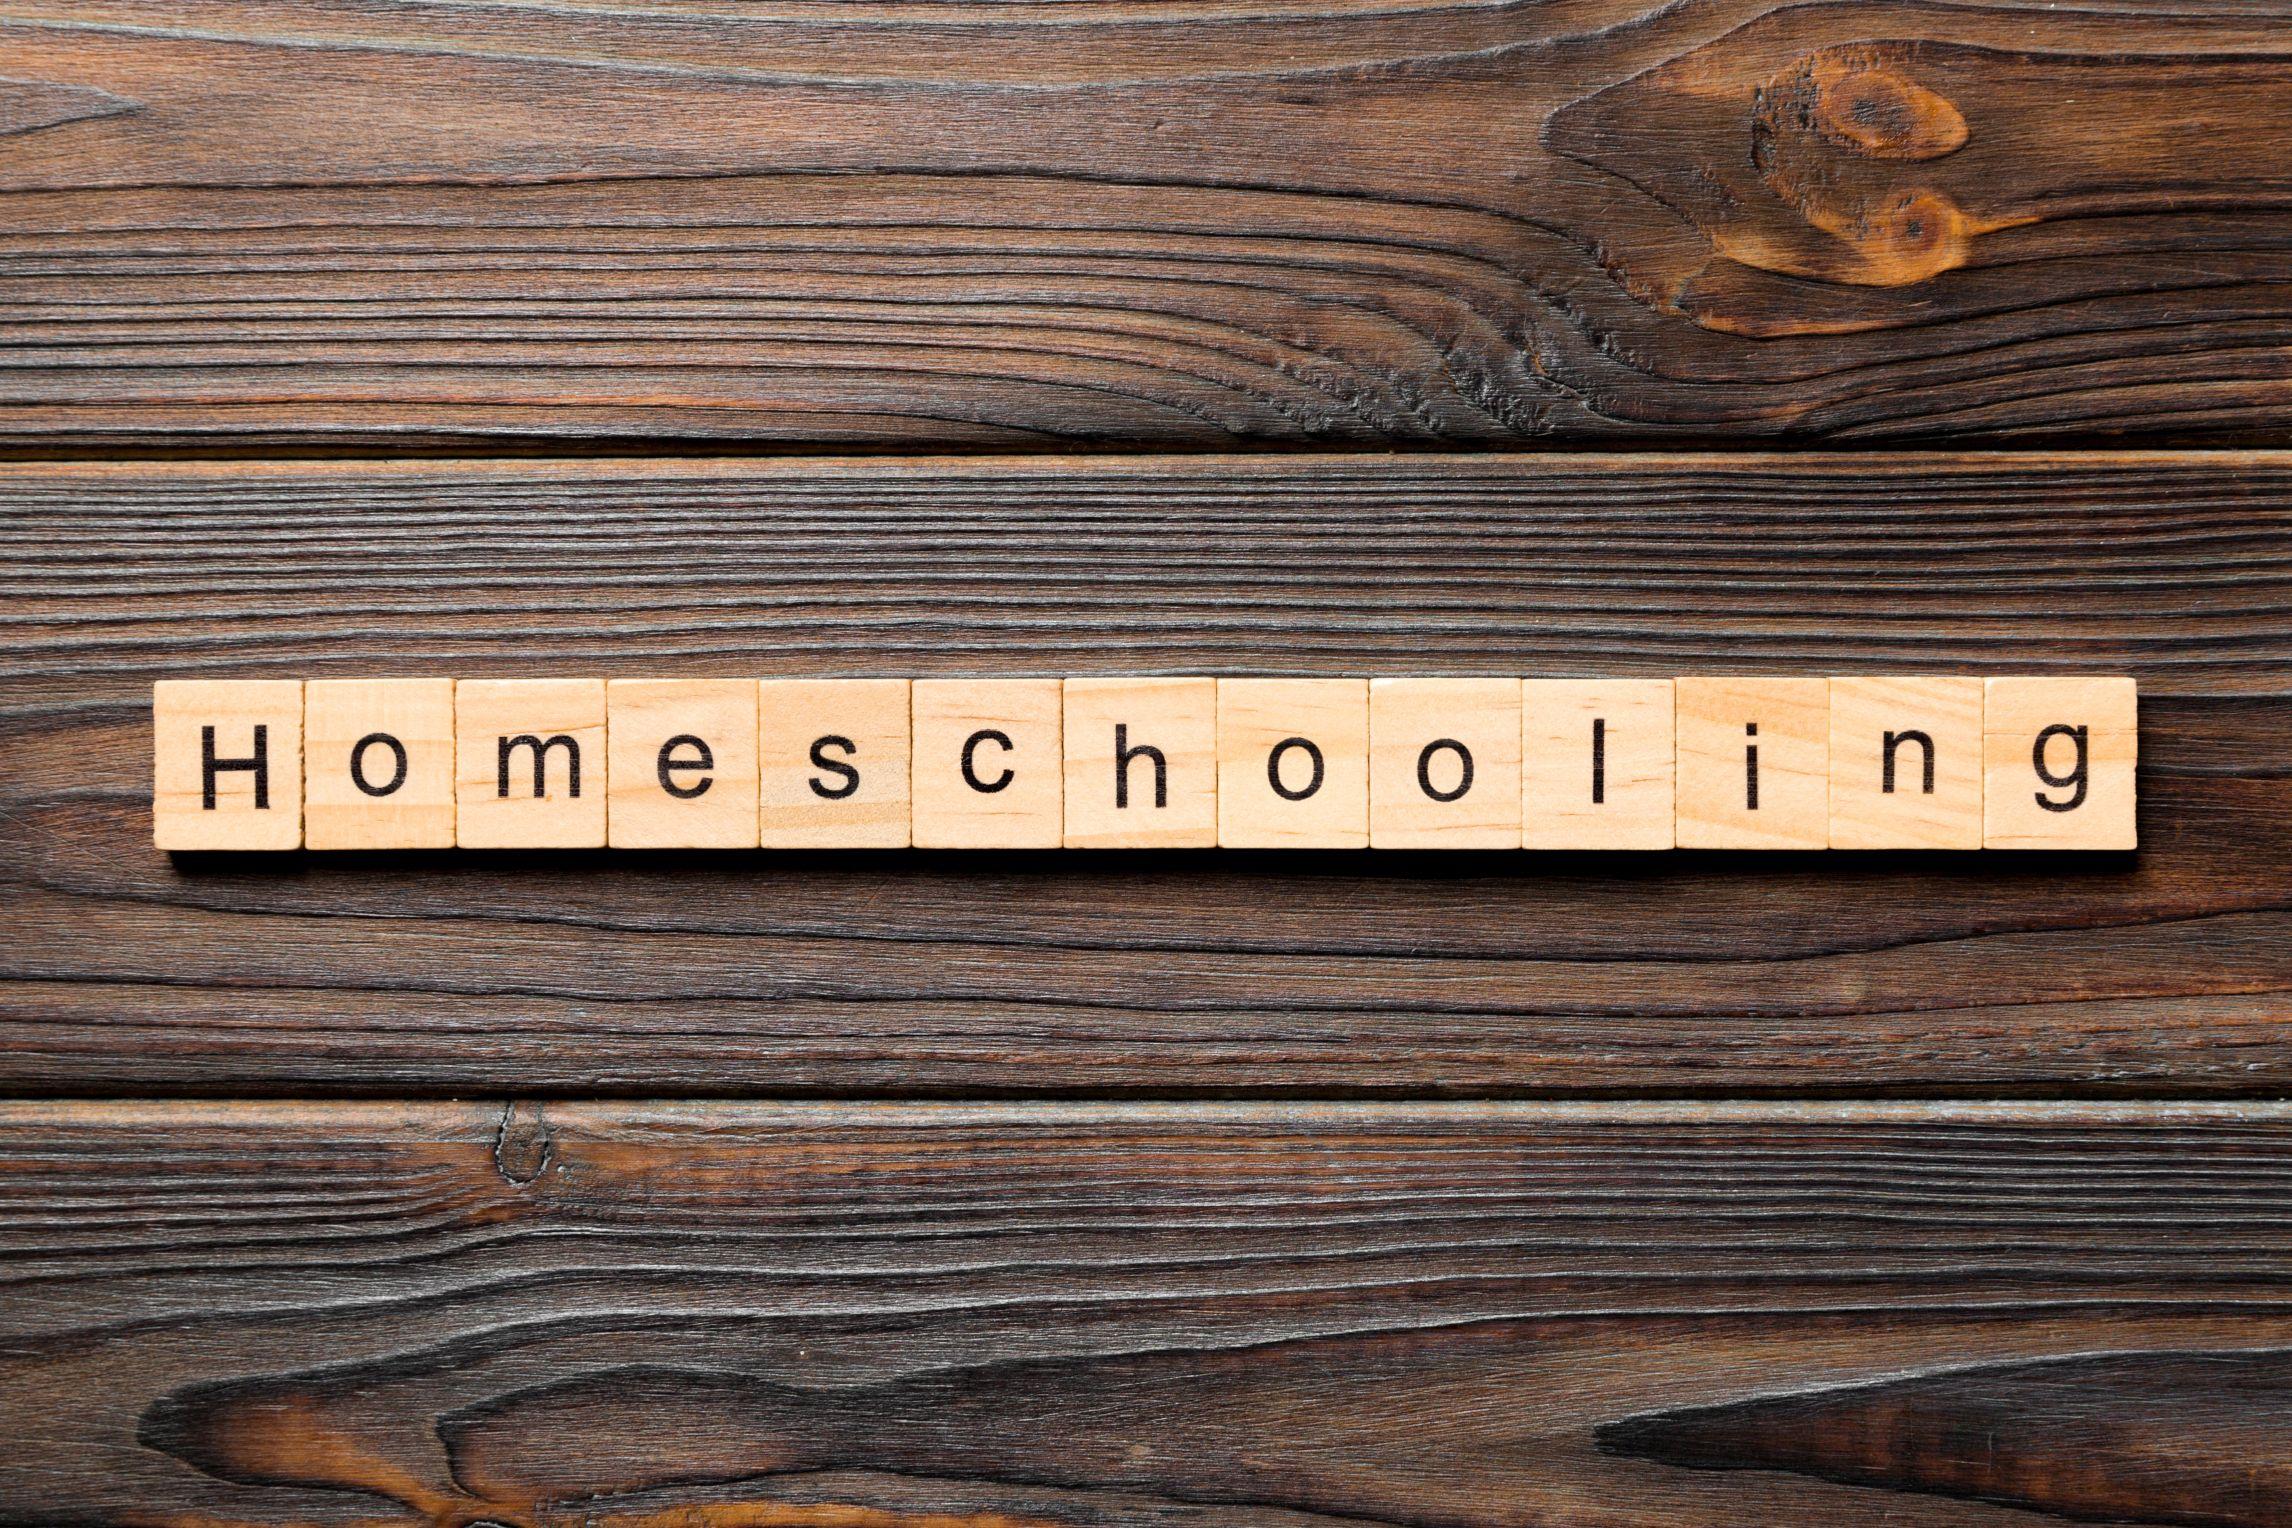 Homeschooling, Lockdown, Covid-19, Coronavirus